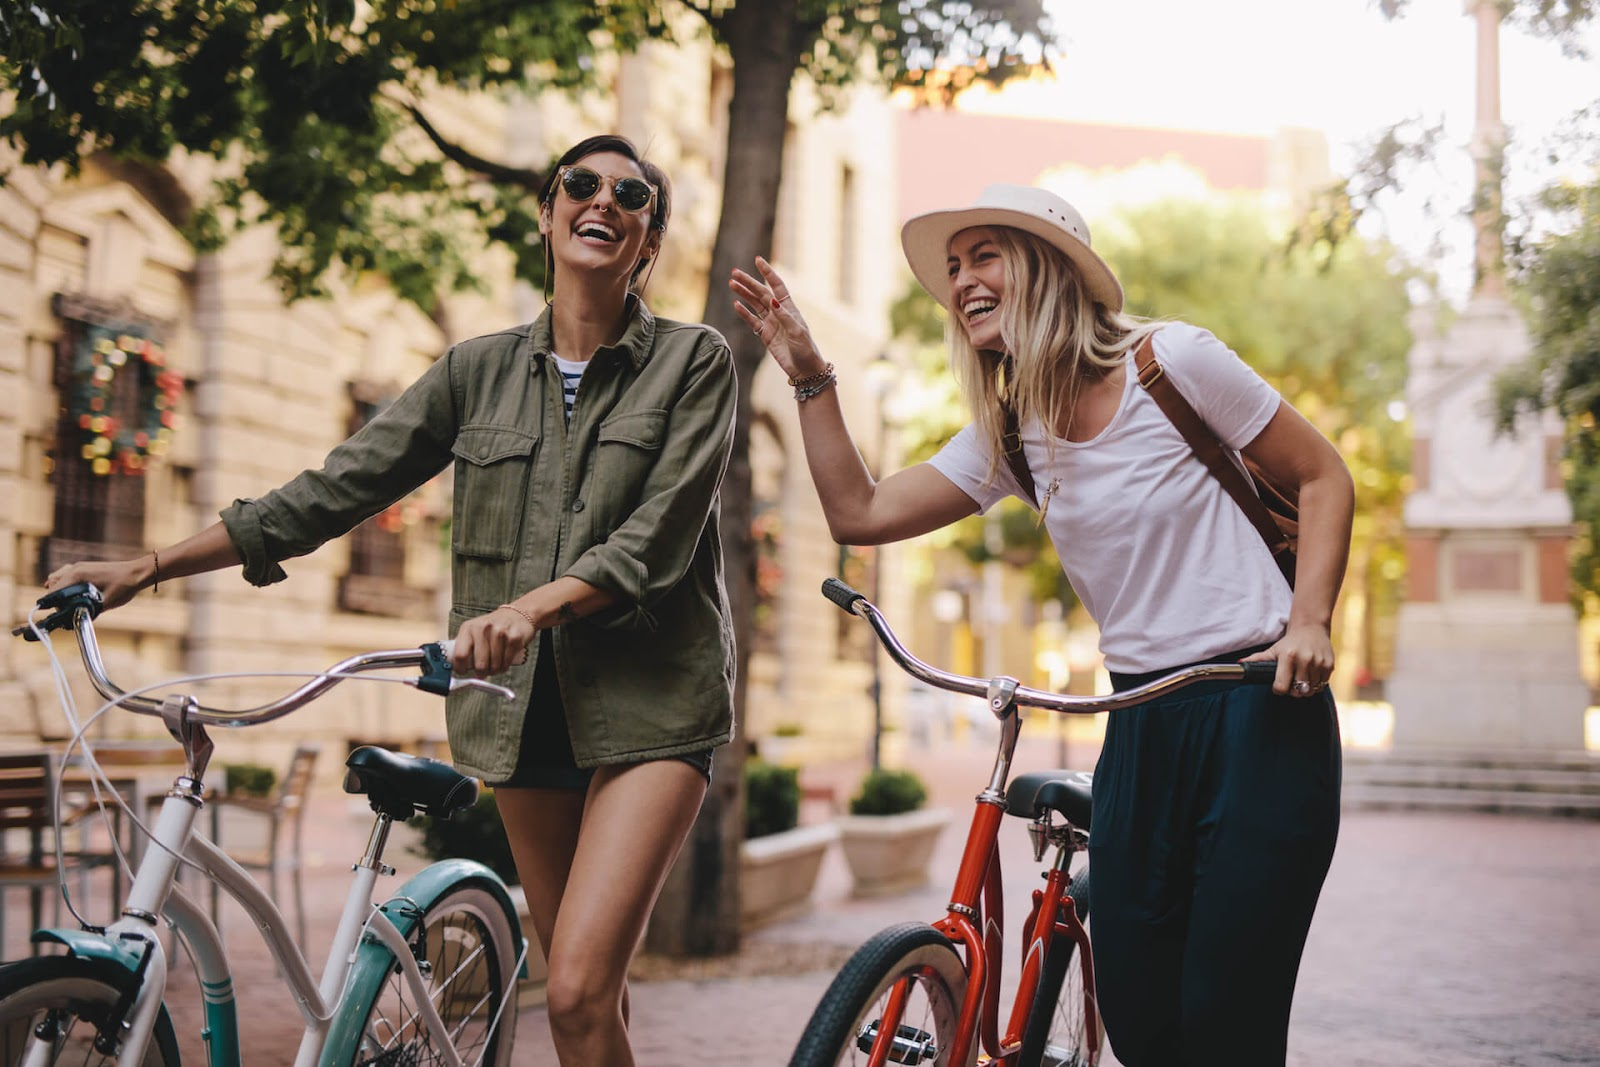 Ladies enjoying the town on their bikes